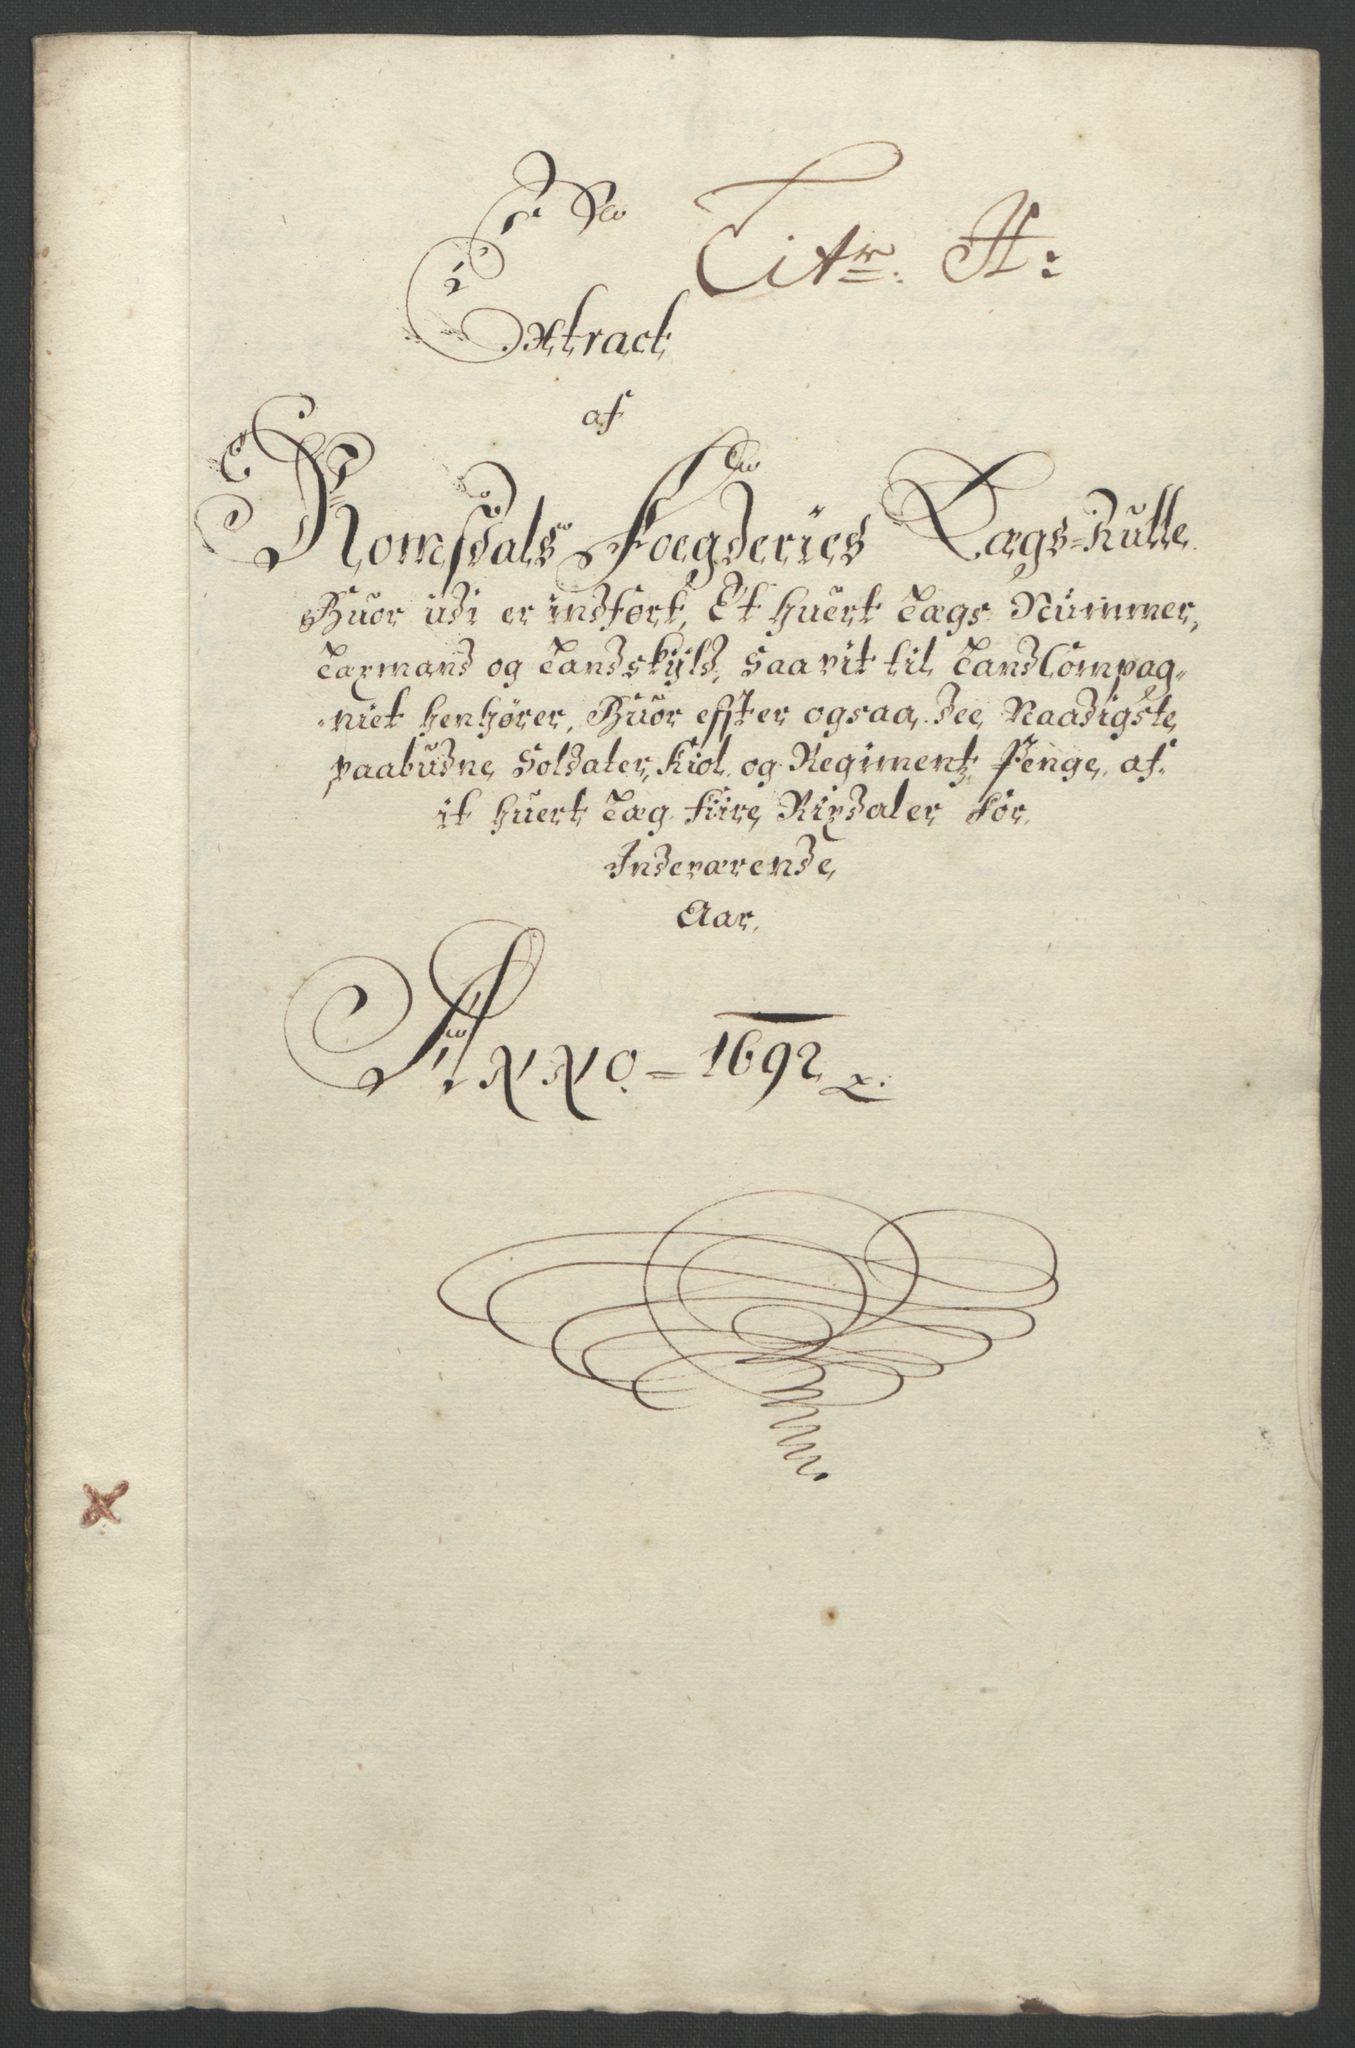 RA, Rentekammeret inntil 1814, Reviderte regnskaper, Fogderegnskap, R55/L3650: Fogderegnskap Romsdal, 1692, s. 103